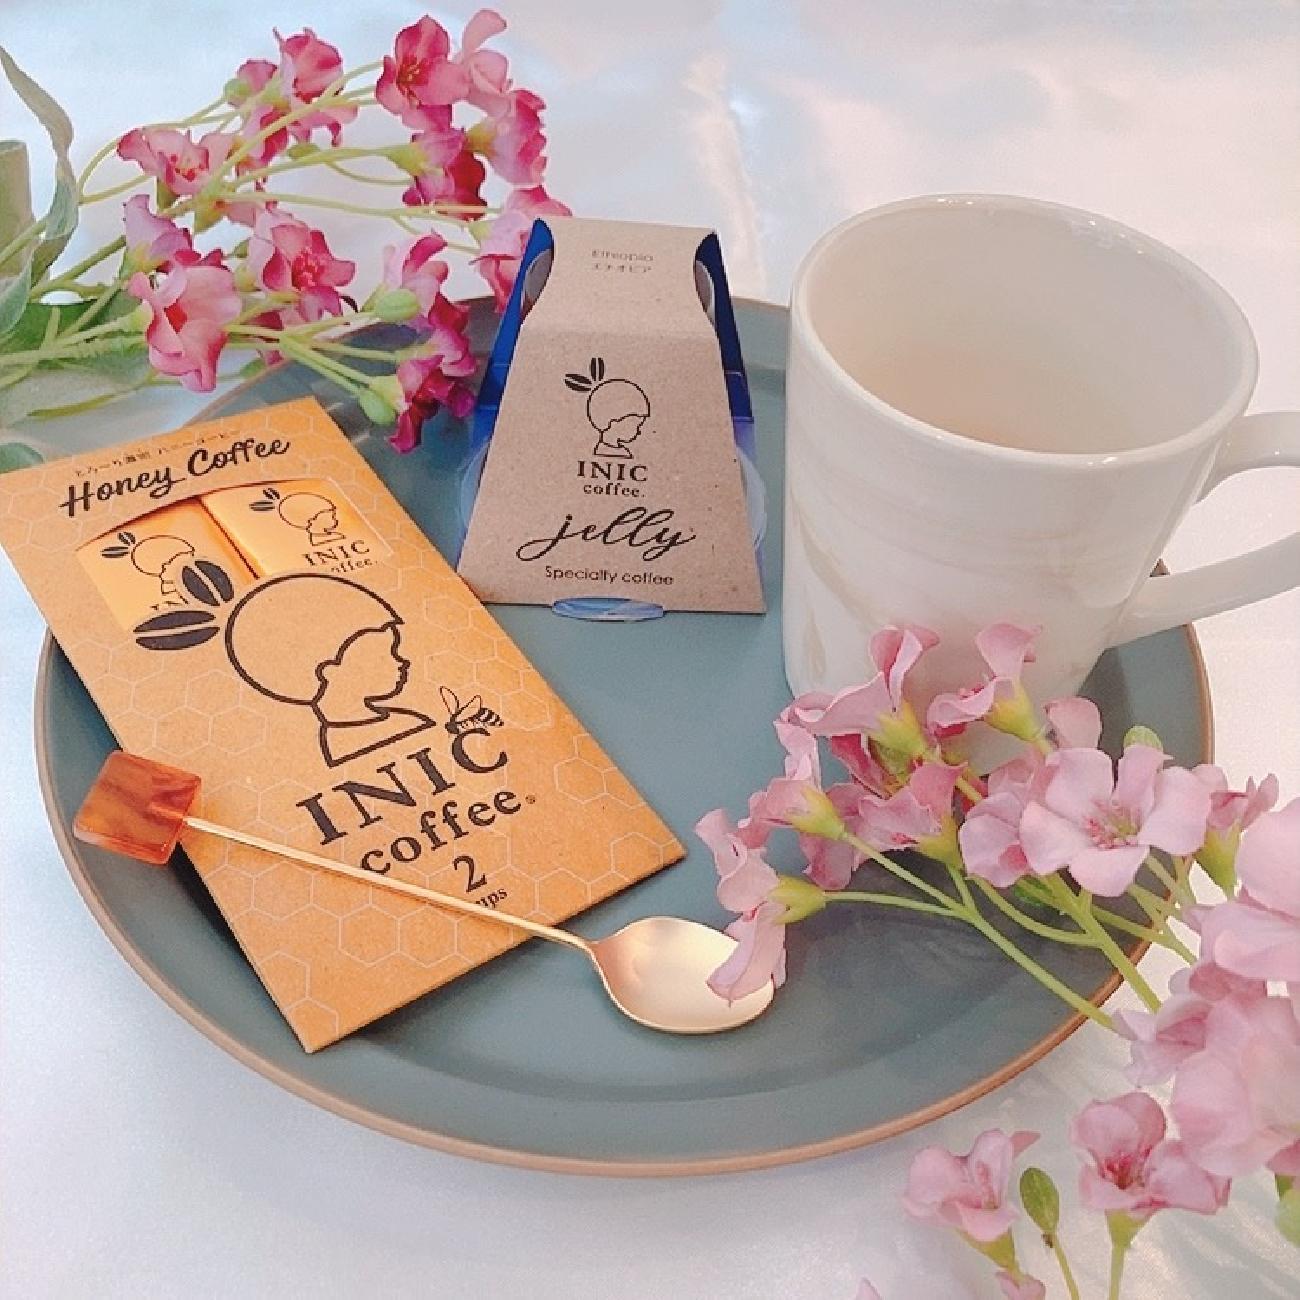 ゼリー/コーヒーゼリー/コーヒー/珈琲/珈琲ゼリー/おやつ/大人のおやつ/おやつタイム/デザート/至福の時間/母の日/母の日ギフト